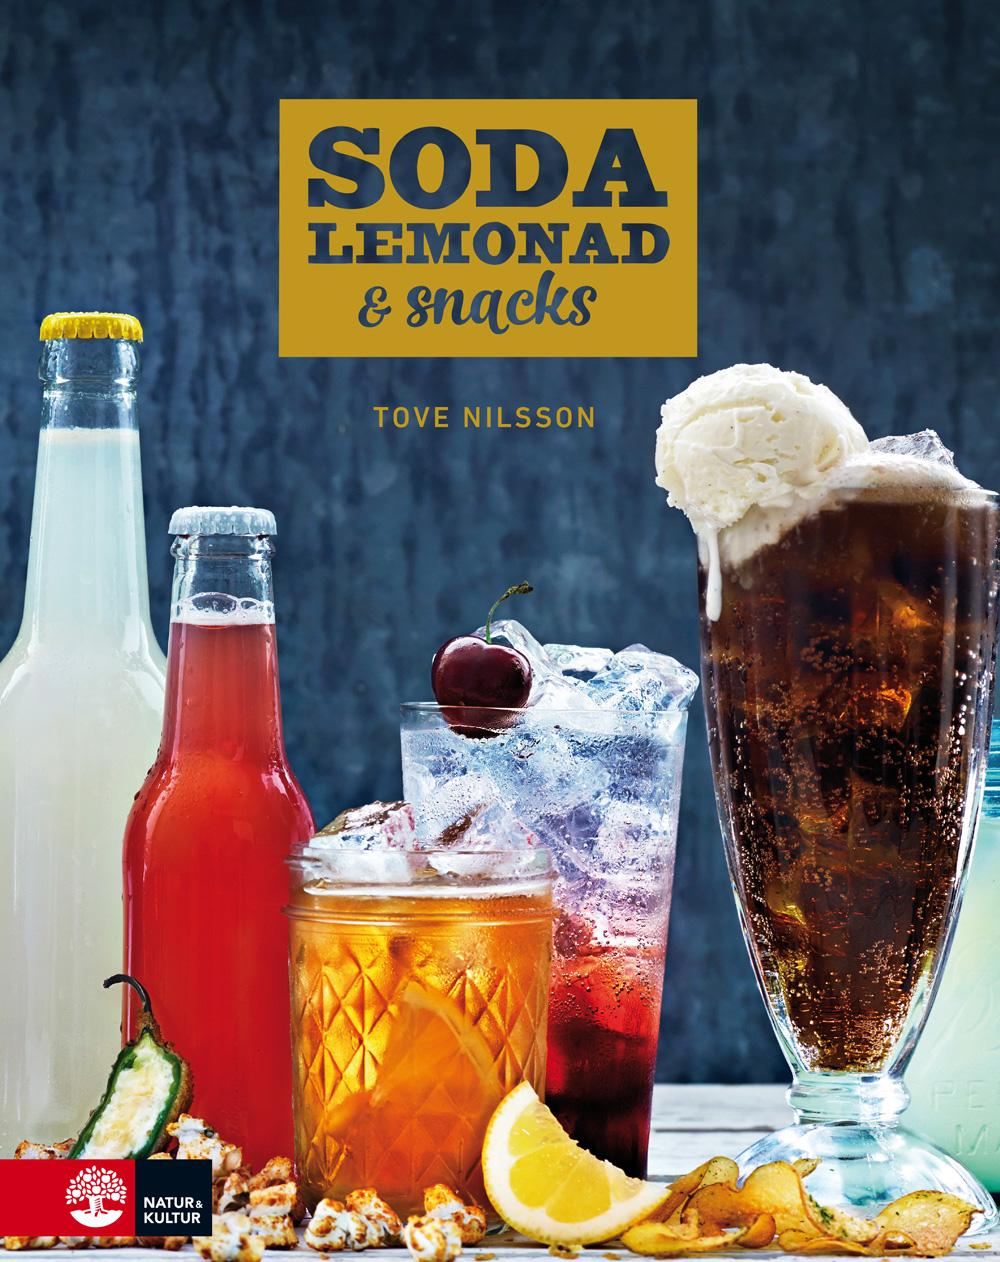 Skarp Agent, Tove Nilsson, Soda, Lemonad & Snacks 2.jpg